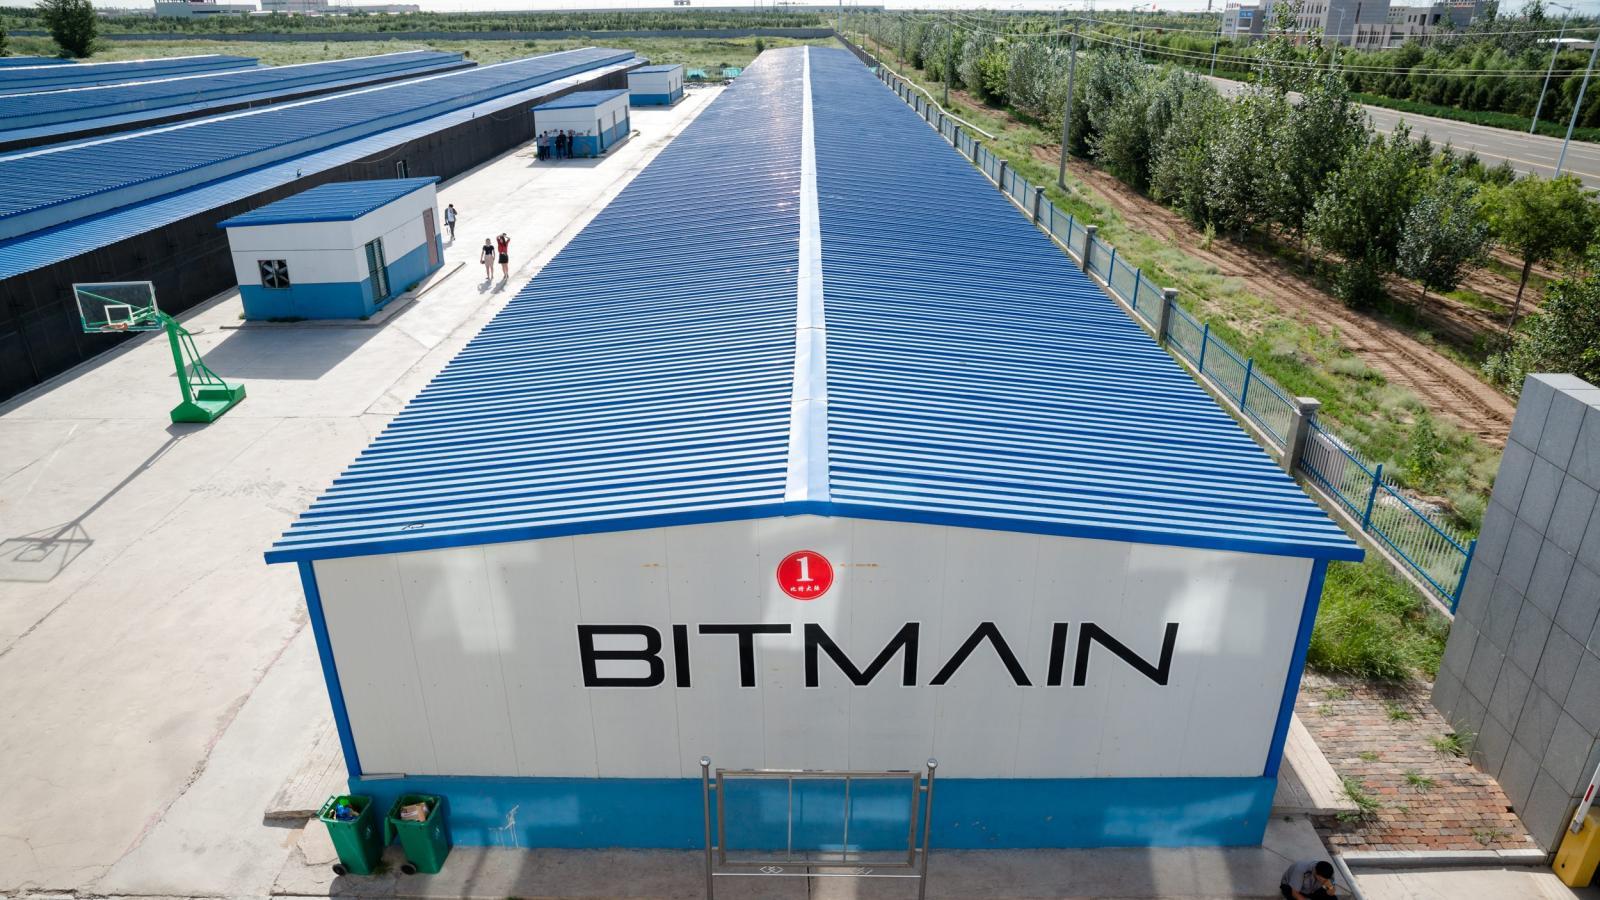 Bitmain's Aggressive Moves on TSMC Will be Its Undoing